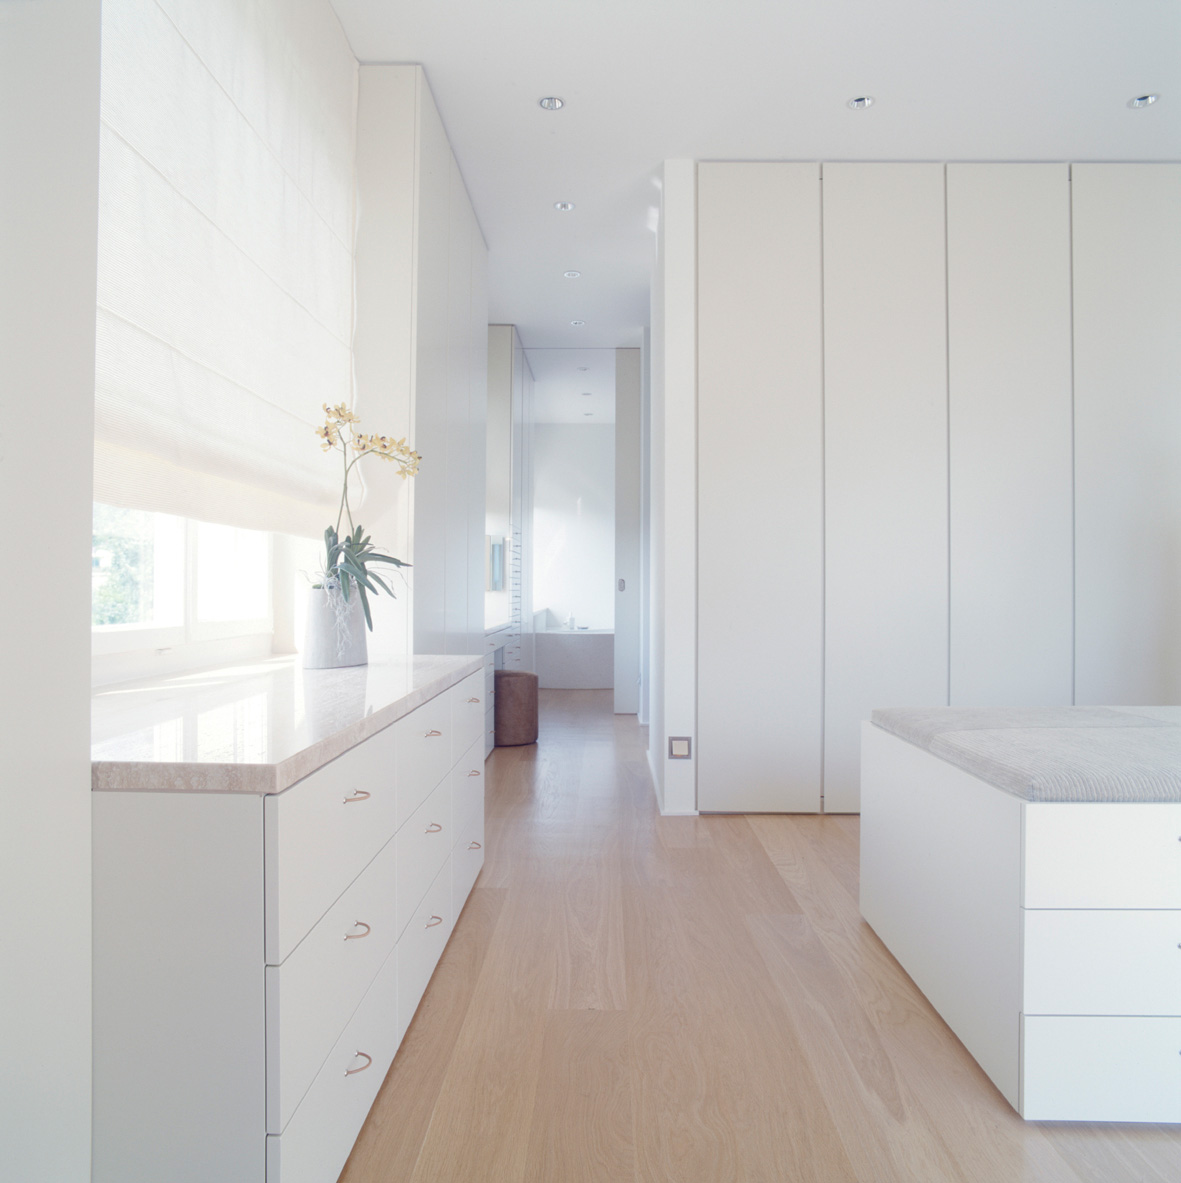 005-iria-degen-interiors-house-zurich6.jpg